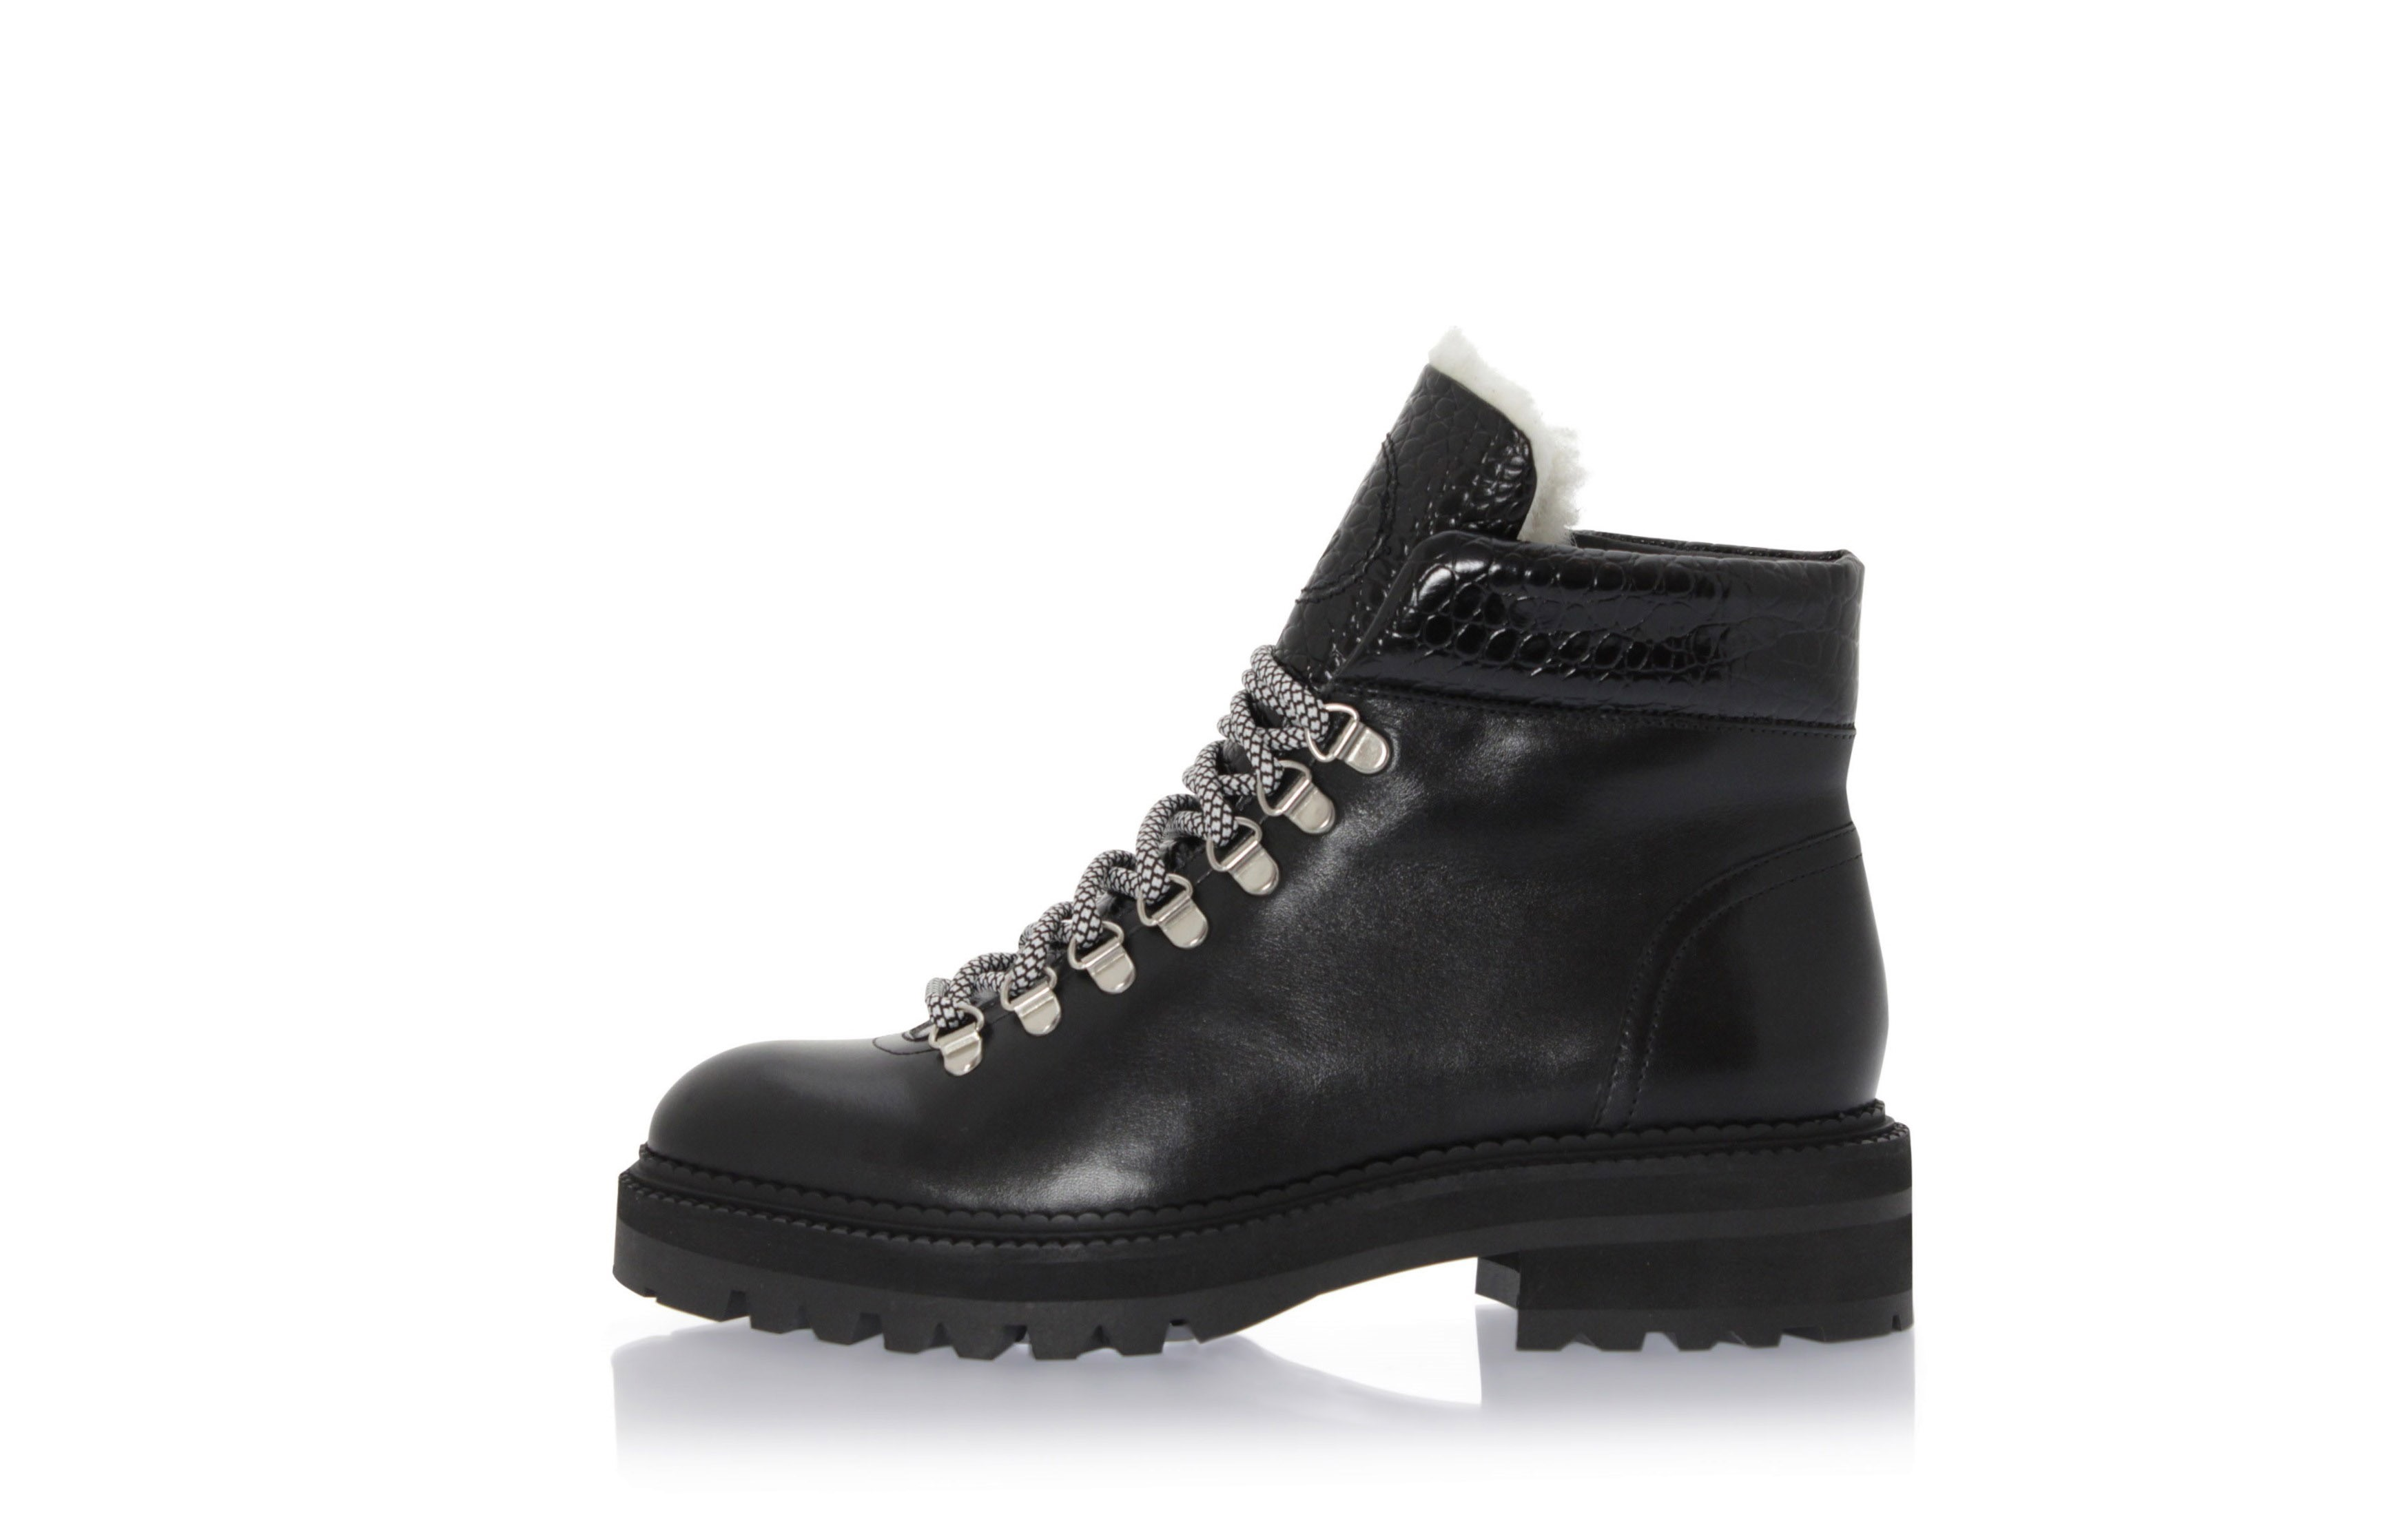 Billi Bi 4800 støvle